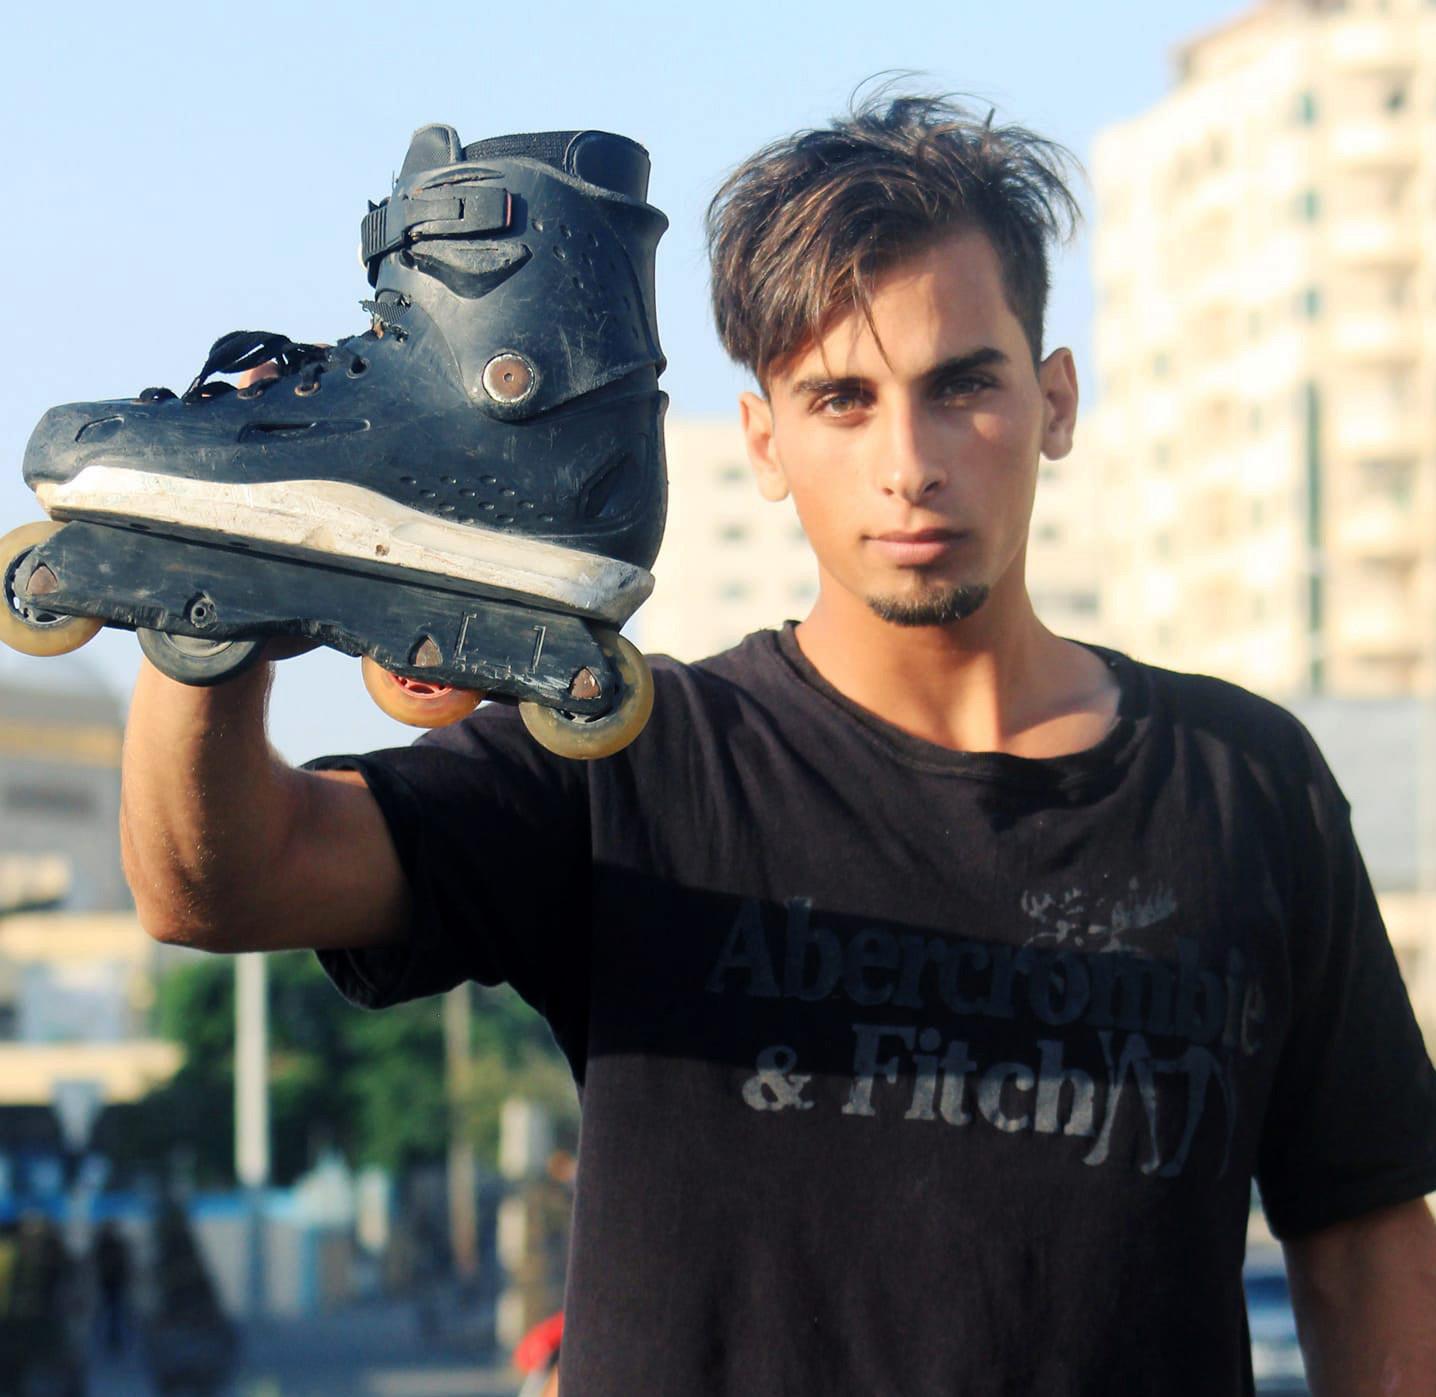 Gaza-Skate-Team-hani